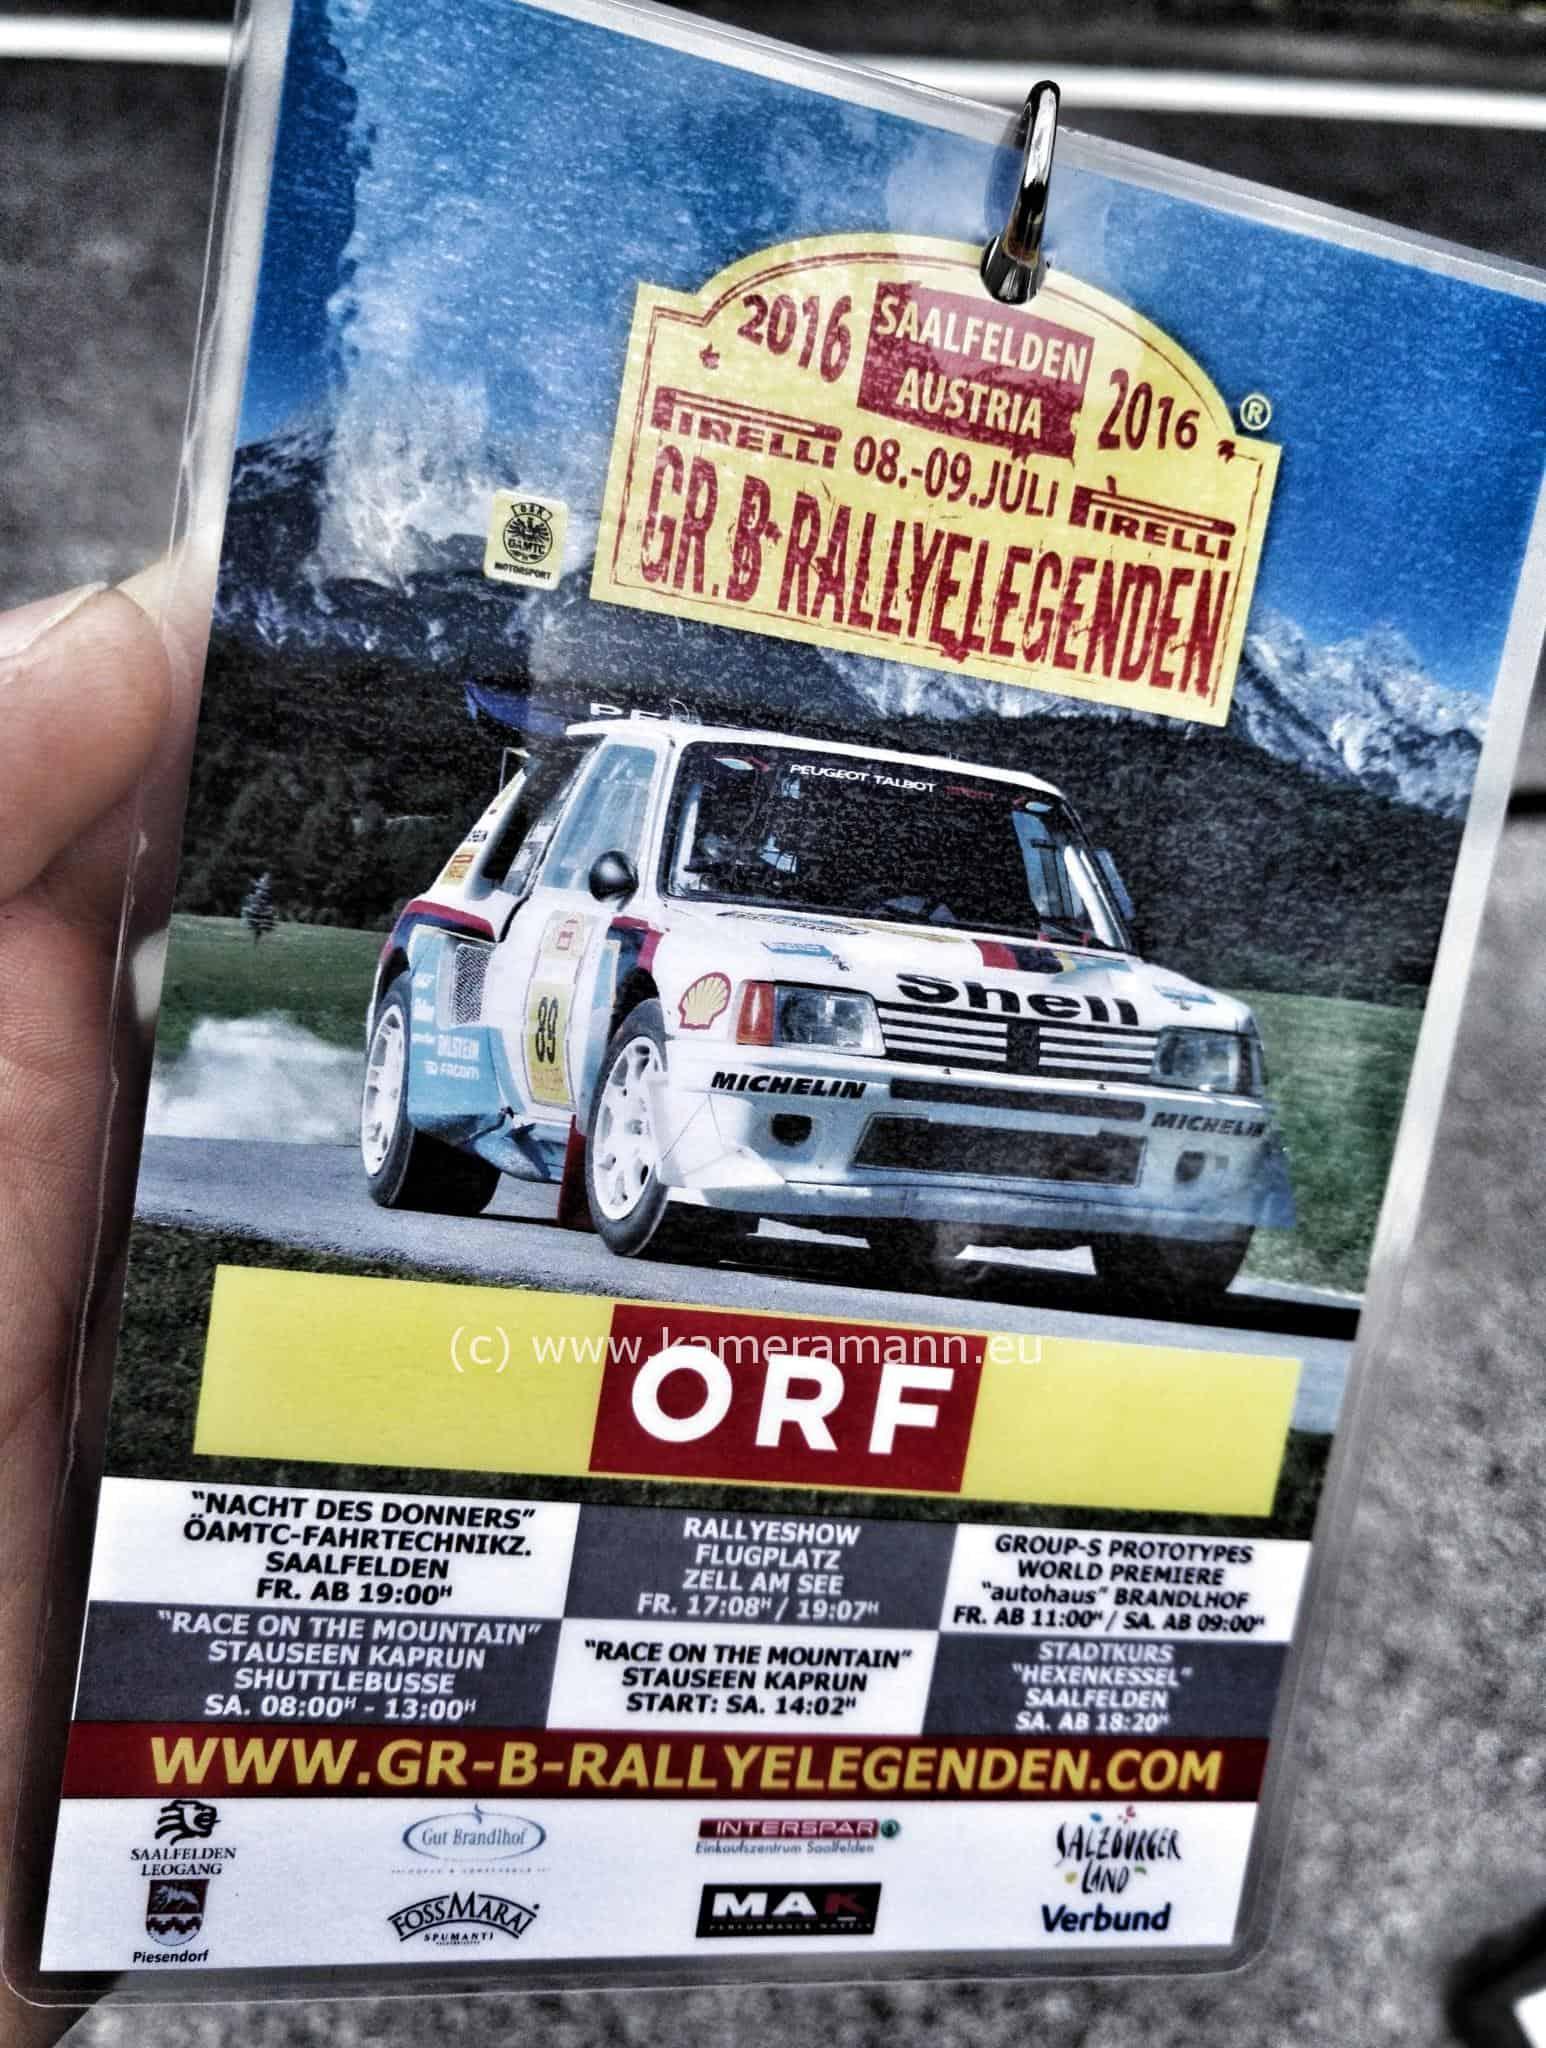 gruppe b rallyelegenden saalfelden 12 - Rallyelegenden Saalfelden